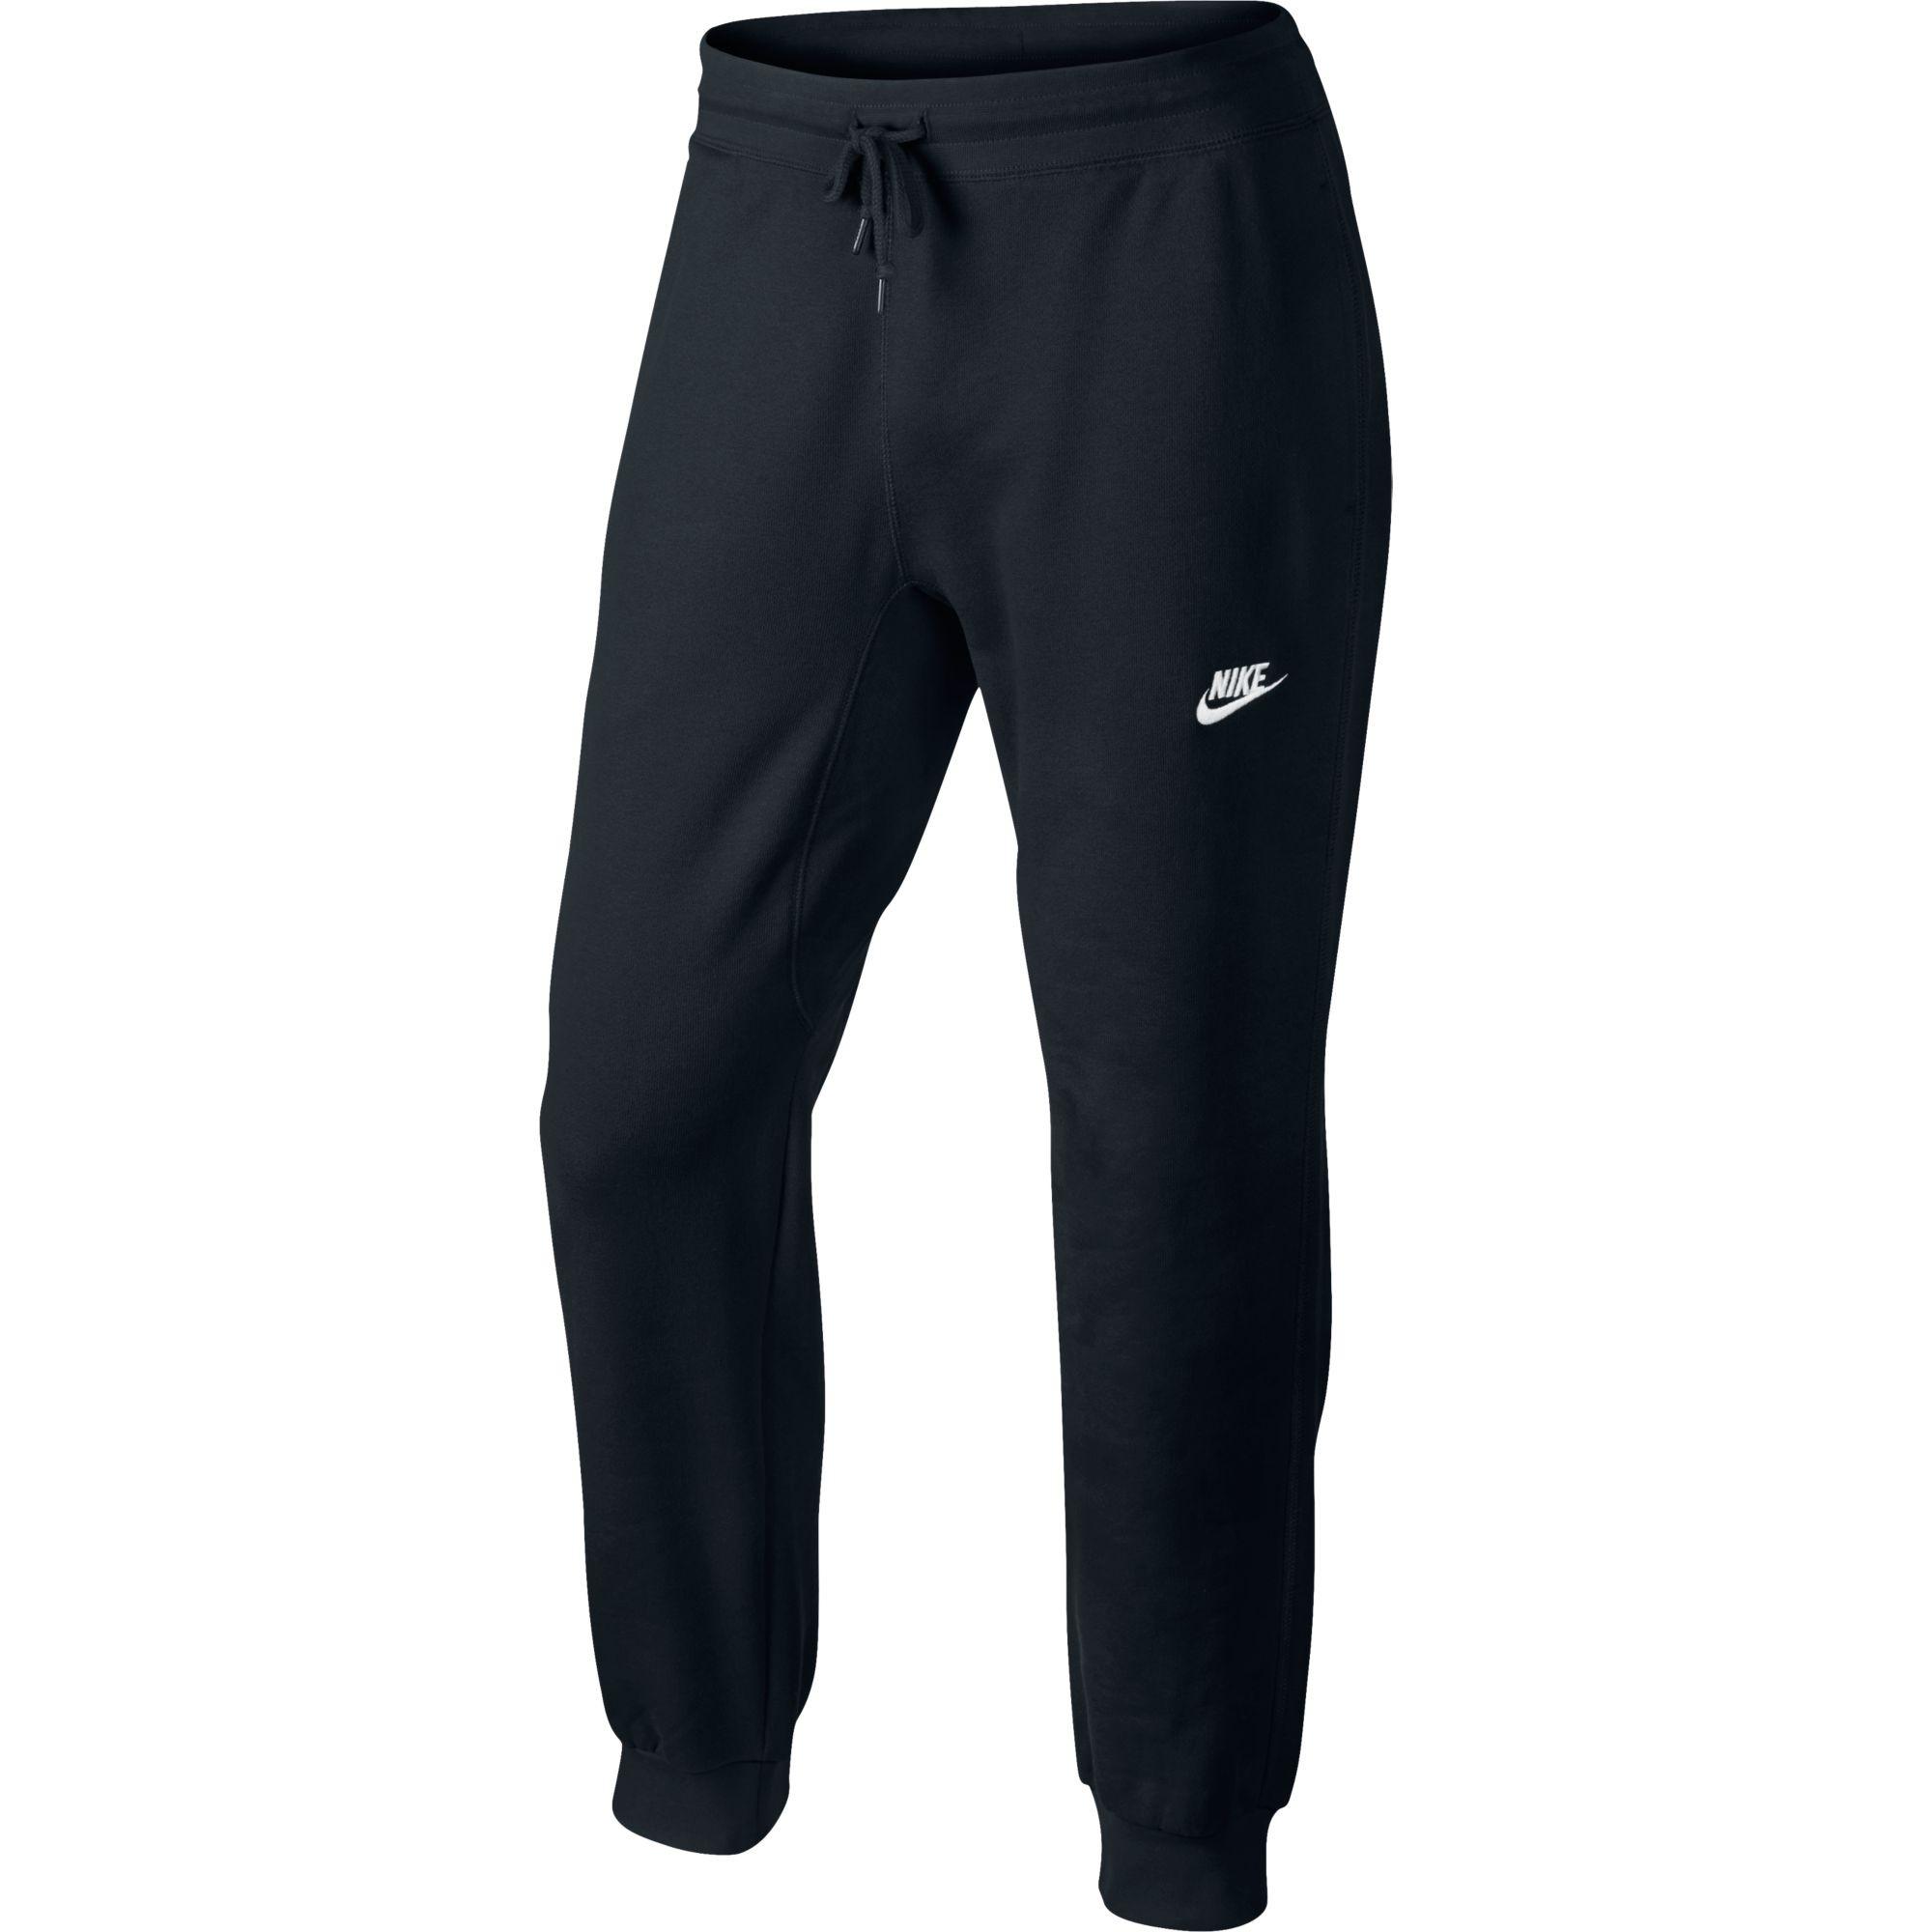 Je veux trouver des vêtements de sports fitness running de qualité et pas  cher ICI Survetement bas nike c2c17237dfe